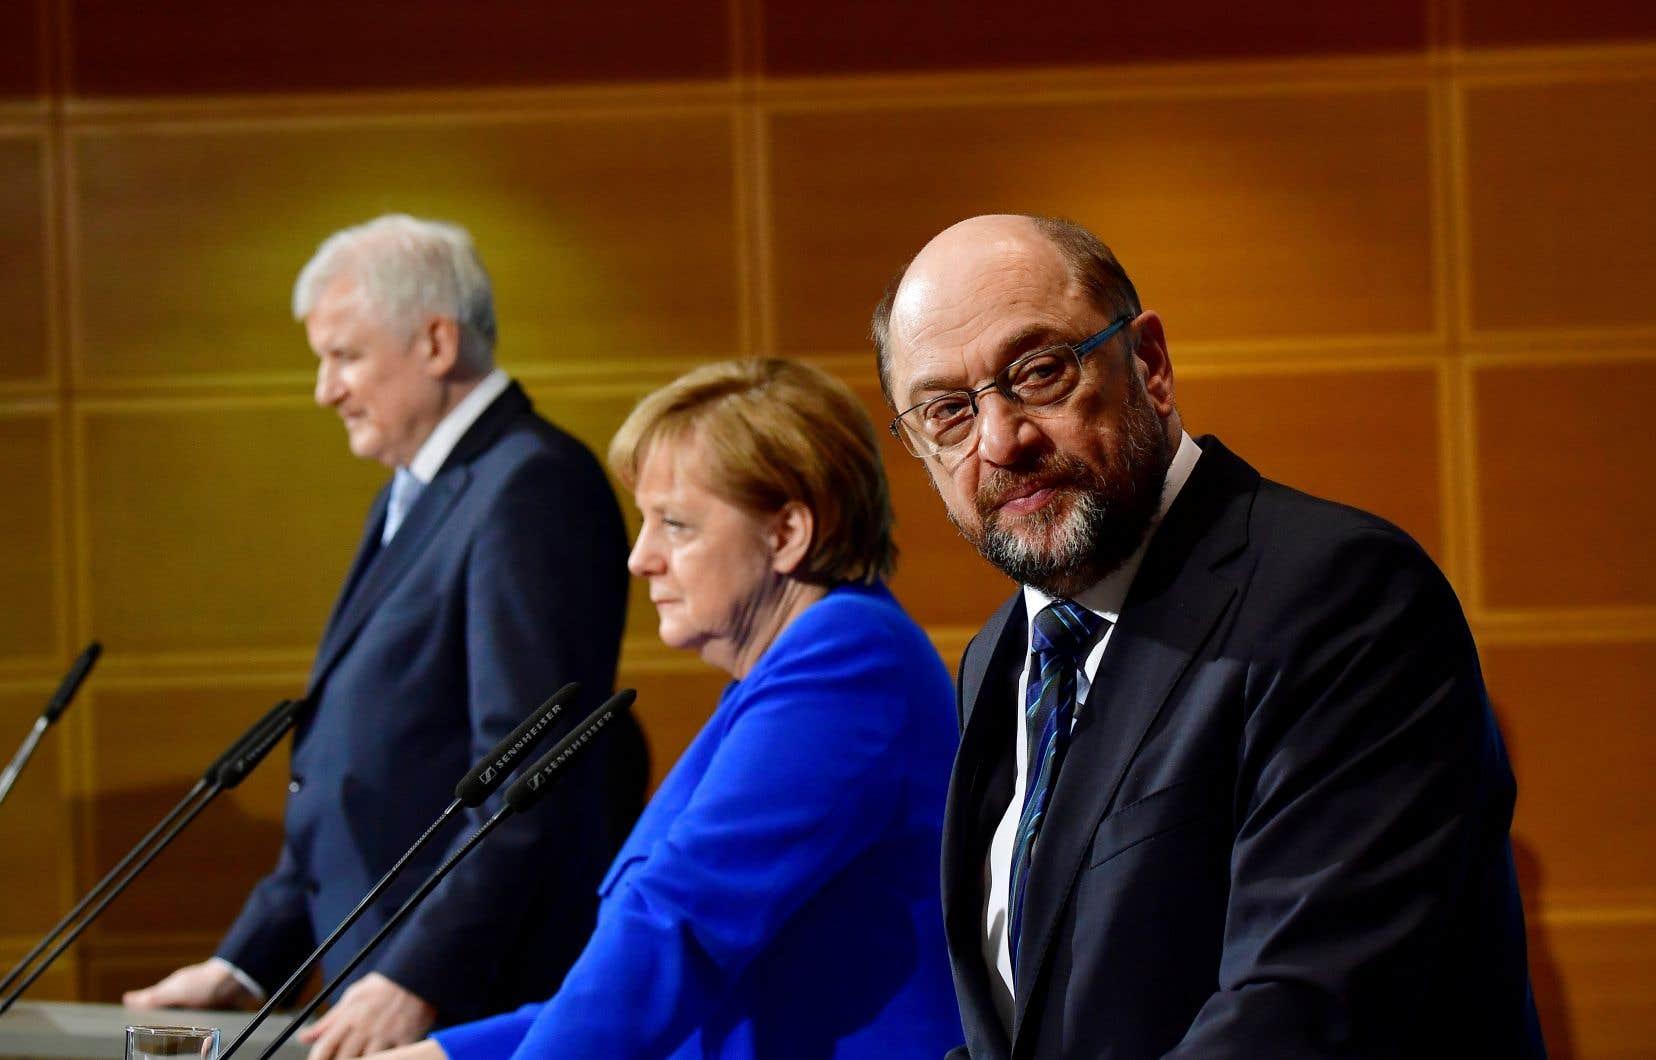 Le leader du Parti social-démocrate, Martin Schulz (à droite), en compagnie du leader de l'Union chrétienne-sociale (CSU), Horst Seehofer, et de la chancelière allemande, Angela Merkel, à Berlin, vendredi